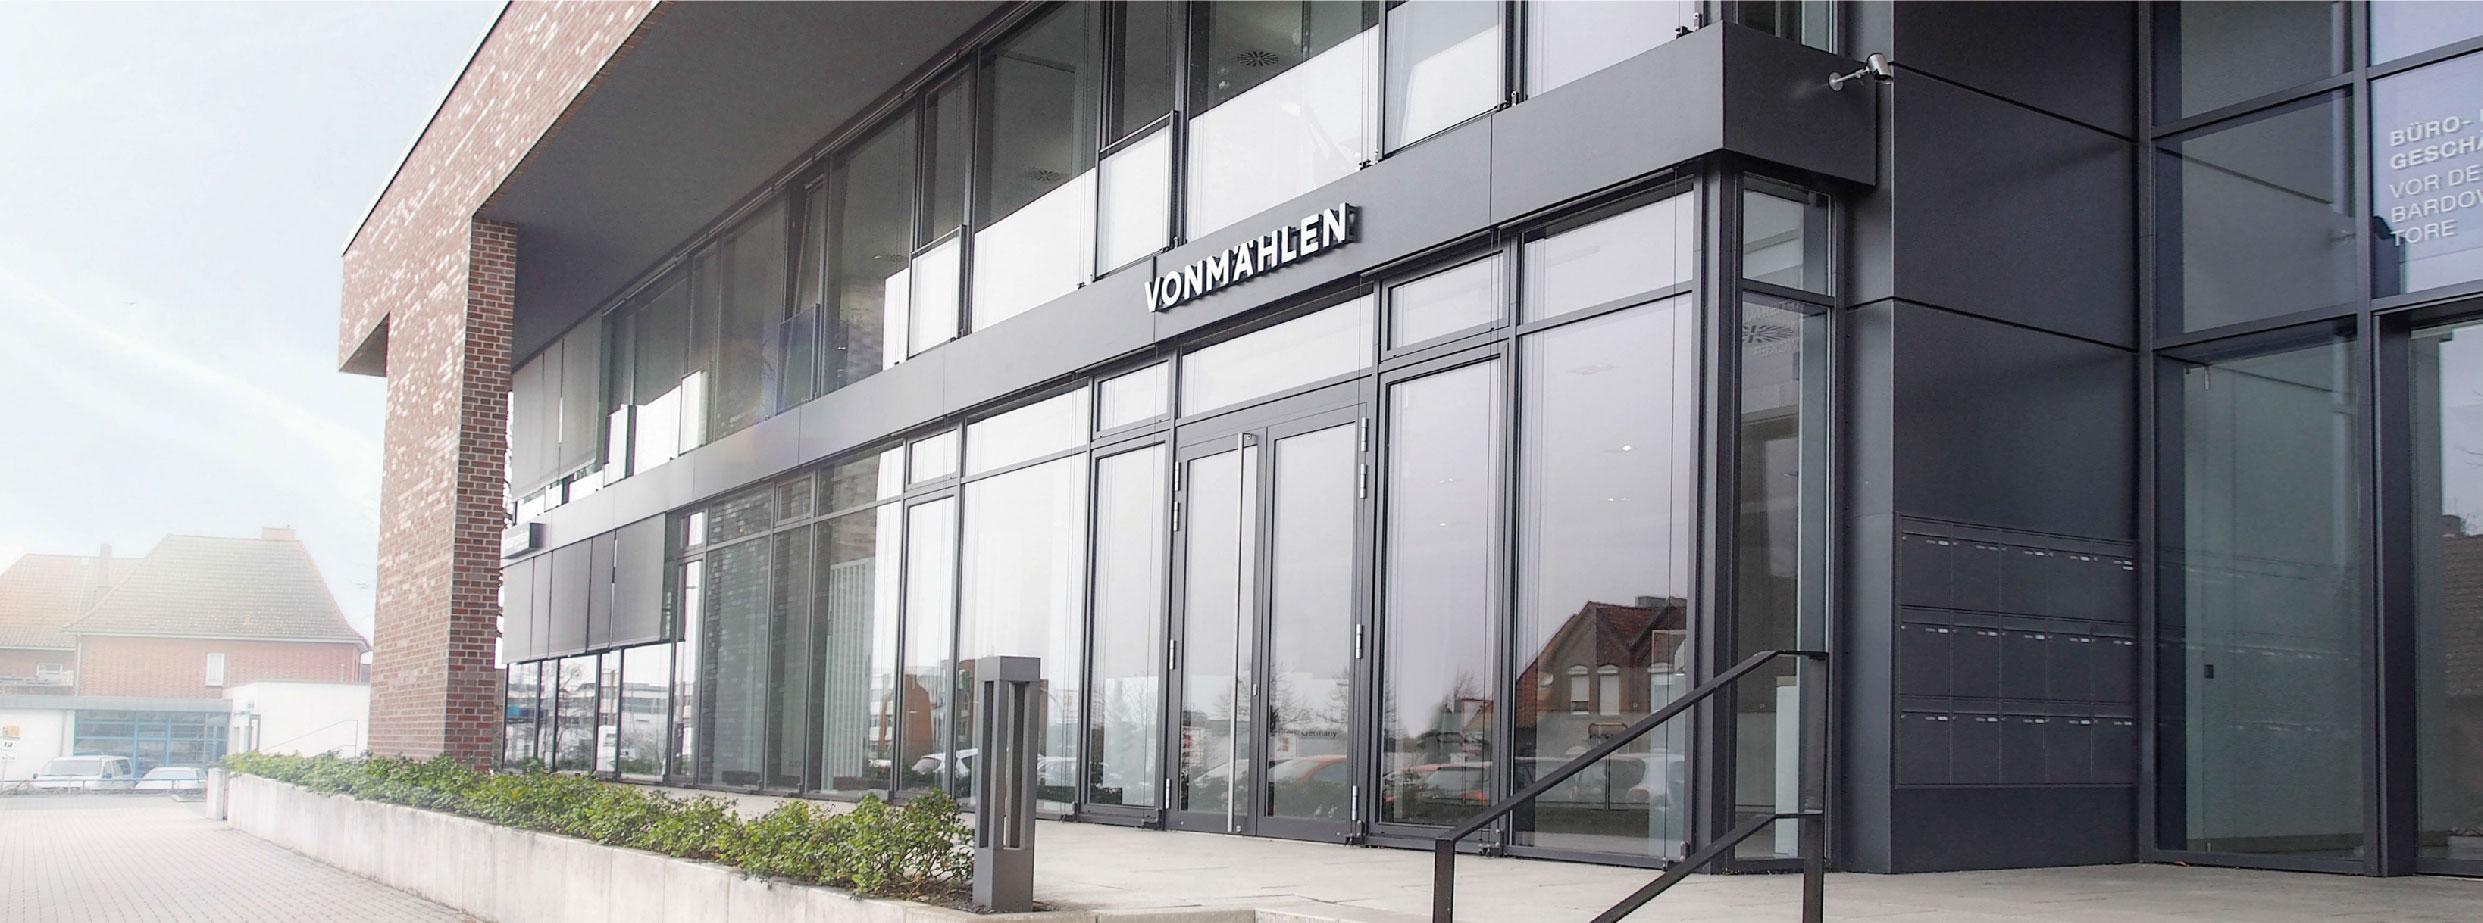 为使用和观赏而设计 —— 德国 Vonmählen 公司联手 LRT 扩展中国市场